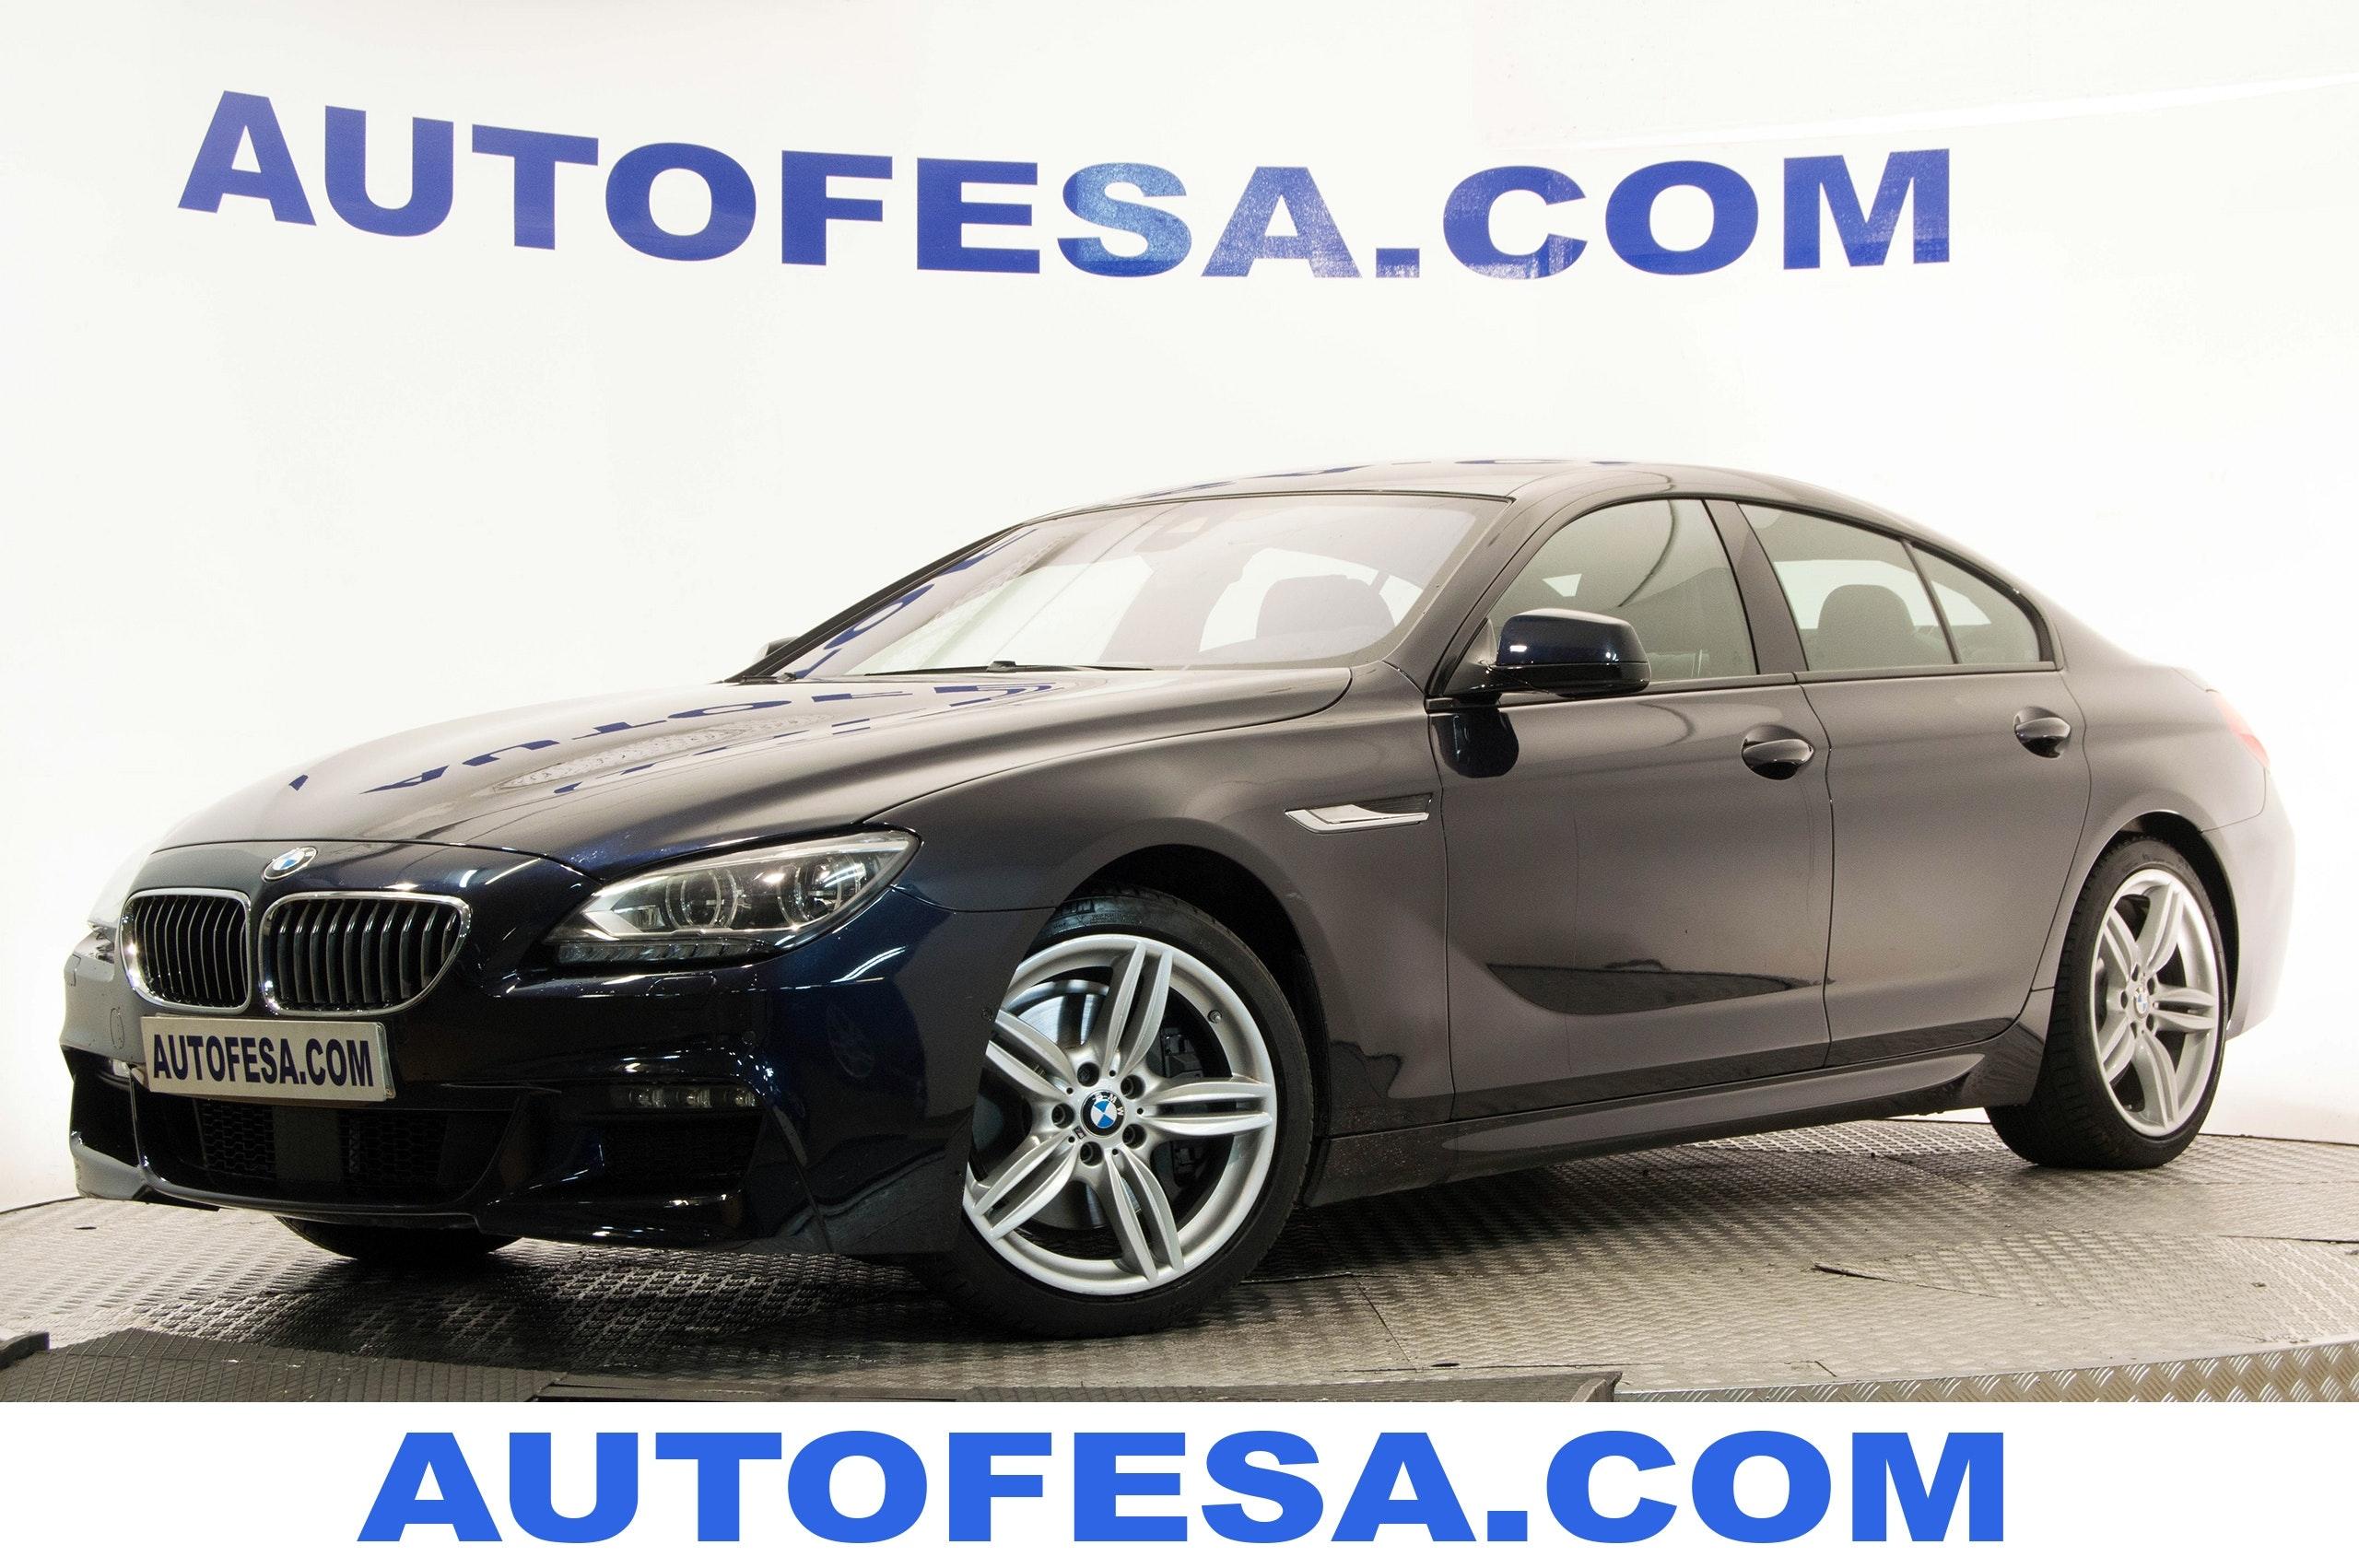 Fotos del BMW 640 640d F06 Gran Coupe Pack M 313cv Auto 4p Exterior 1